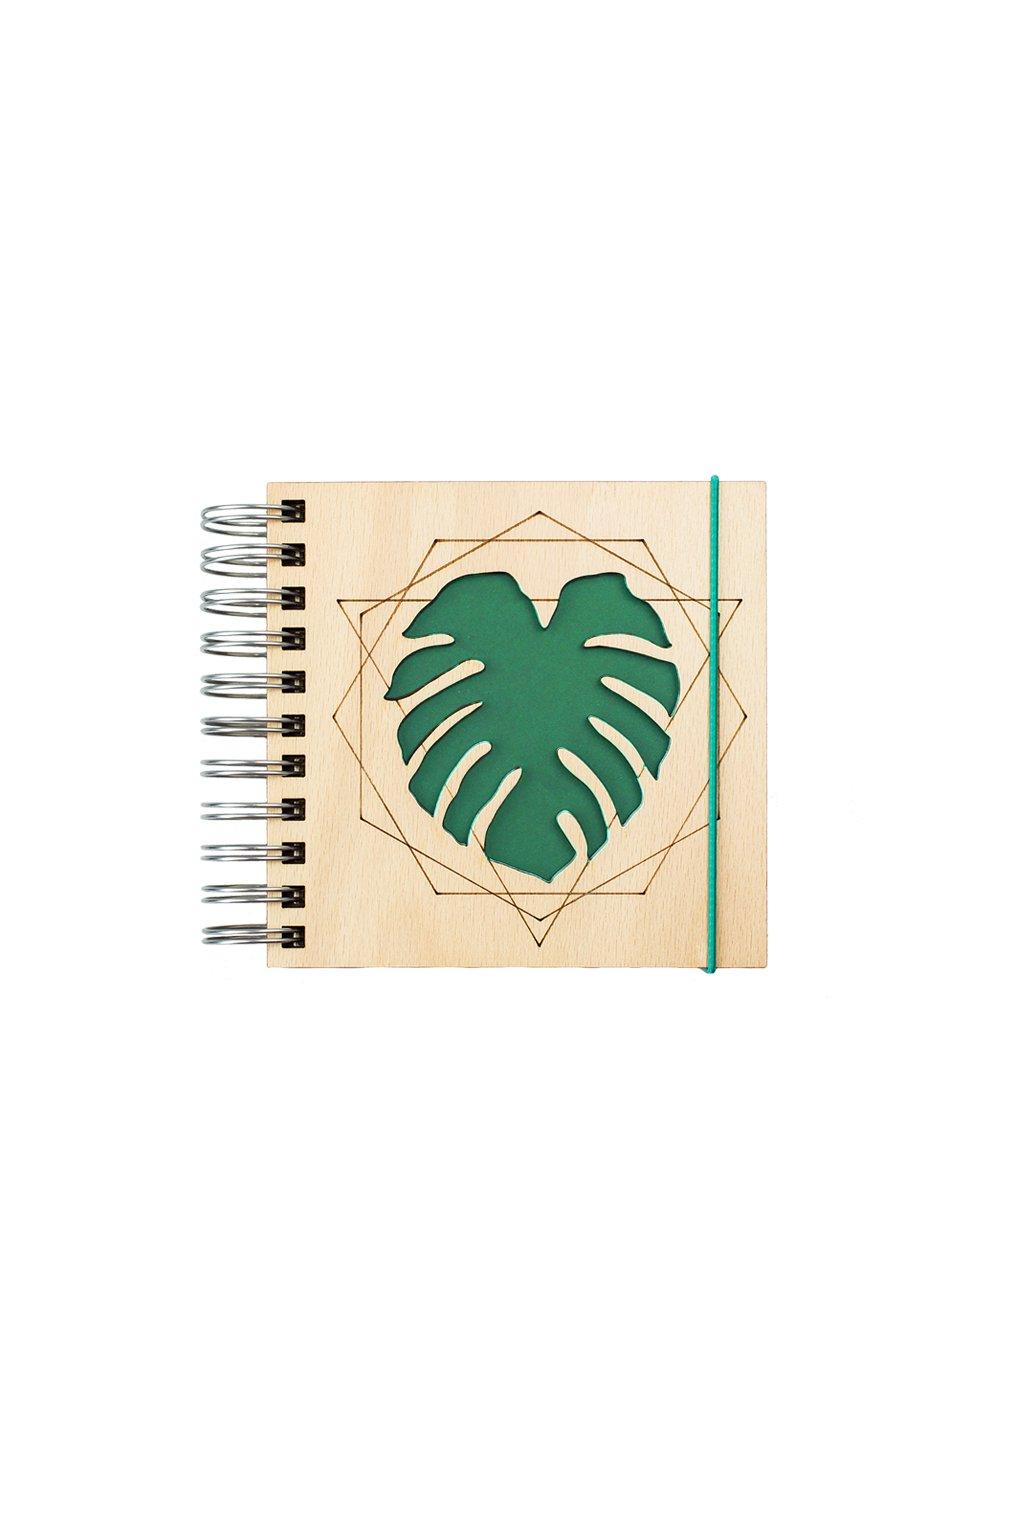 Dřevěný zápisník WOODBOOK Monstera 100 listů recyklovaného papíru | JAA∞TY